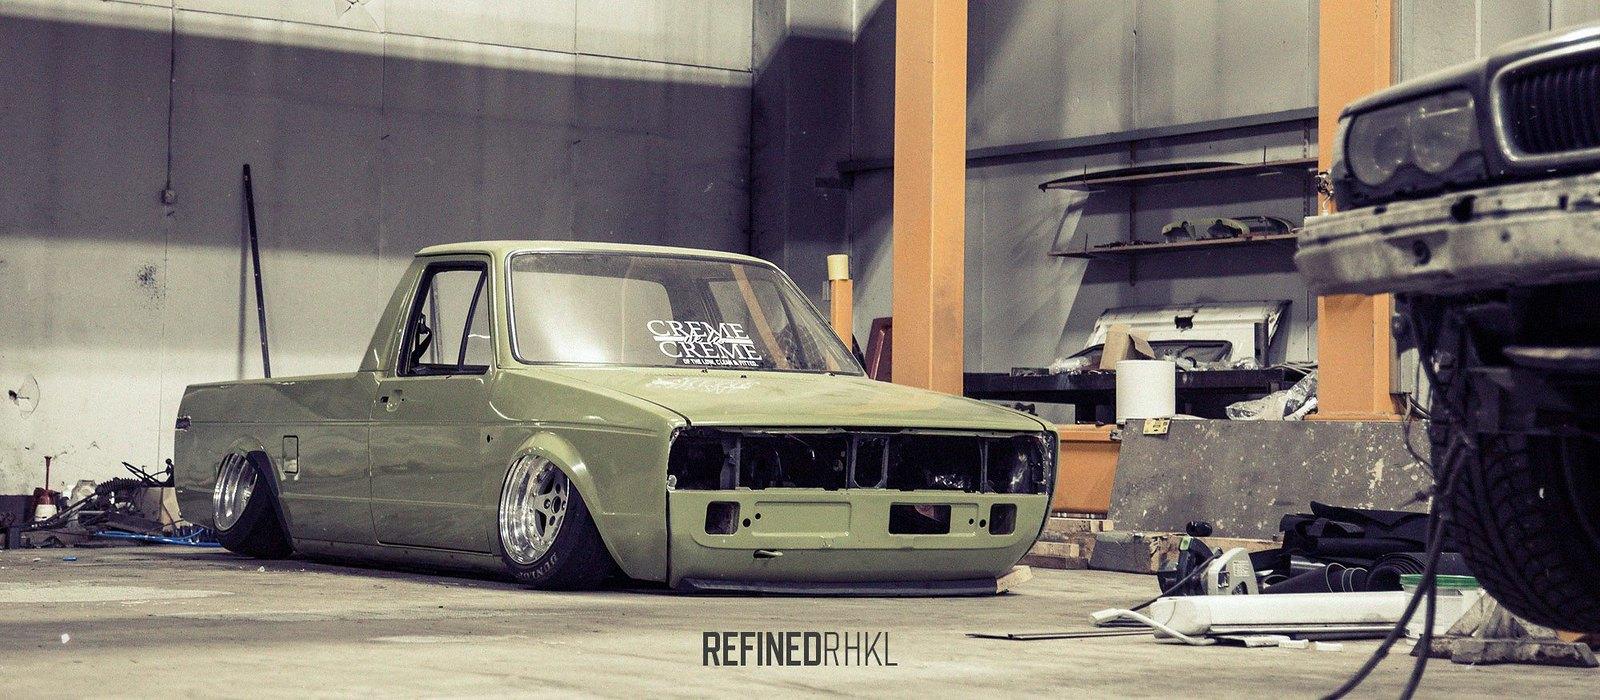 john_gleasy: Rauhakylä Low Lows: VW Caddy 1987 + Allu A6 - Sivu 7 22163460300_a6acceccd6_h